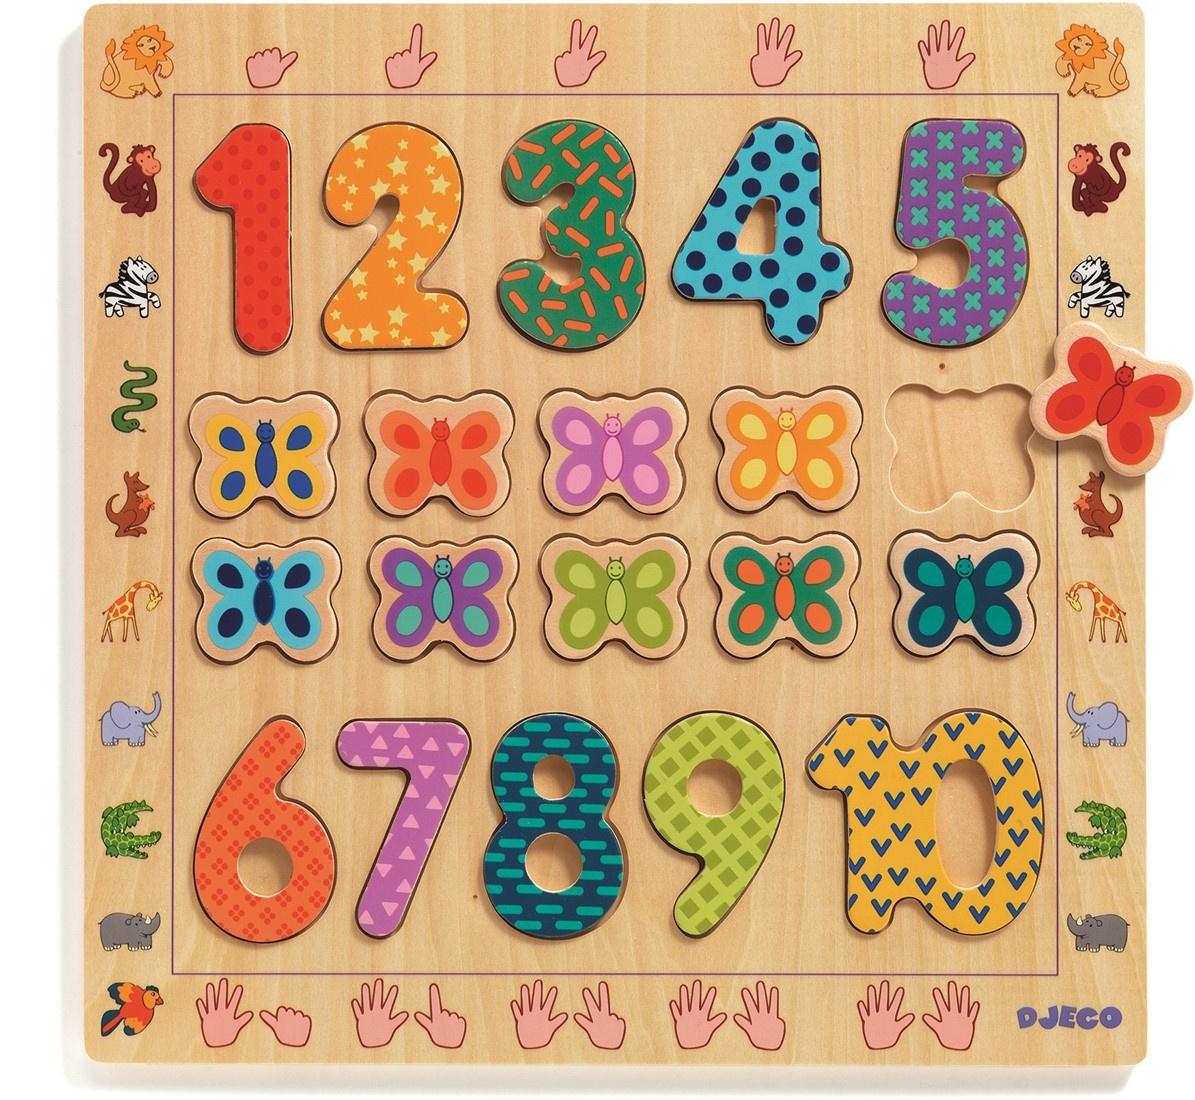 Djeco Djeco Puzzle Educatief - Cijfer 1 t/m 10 - 2Y+